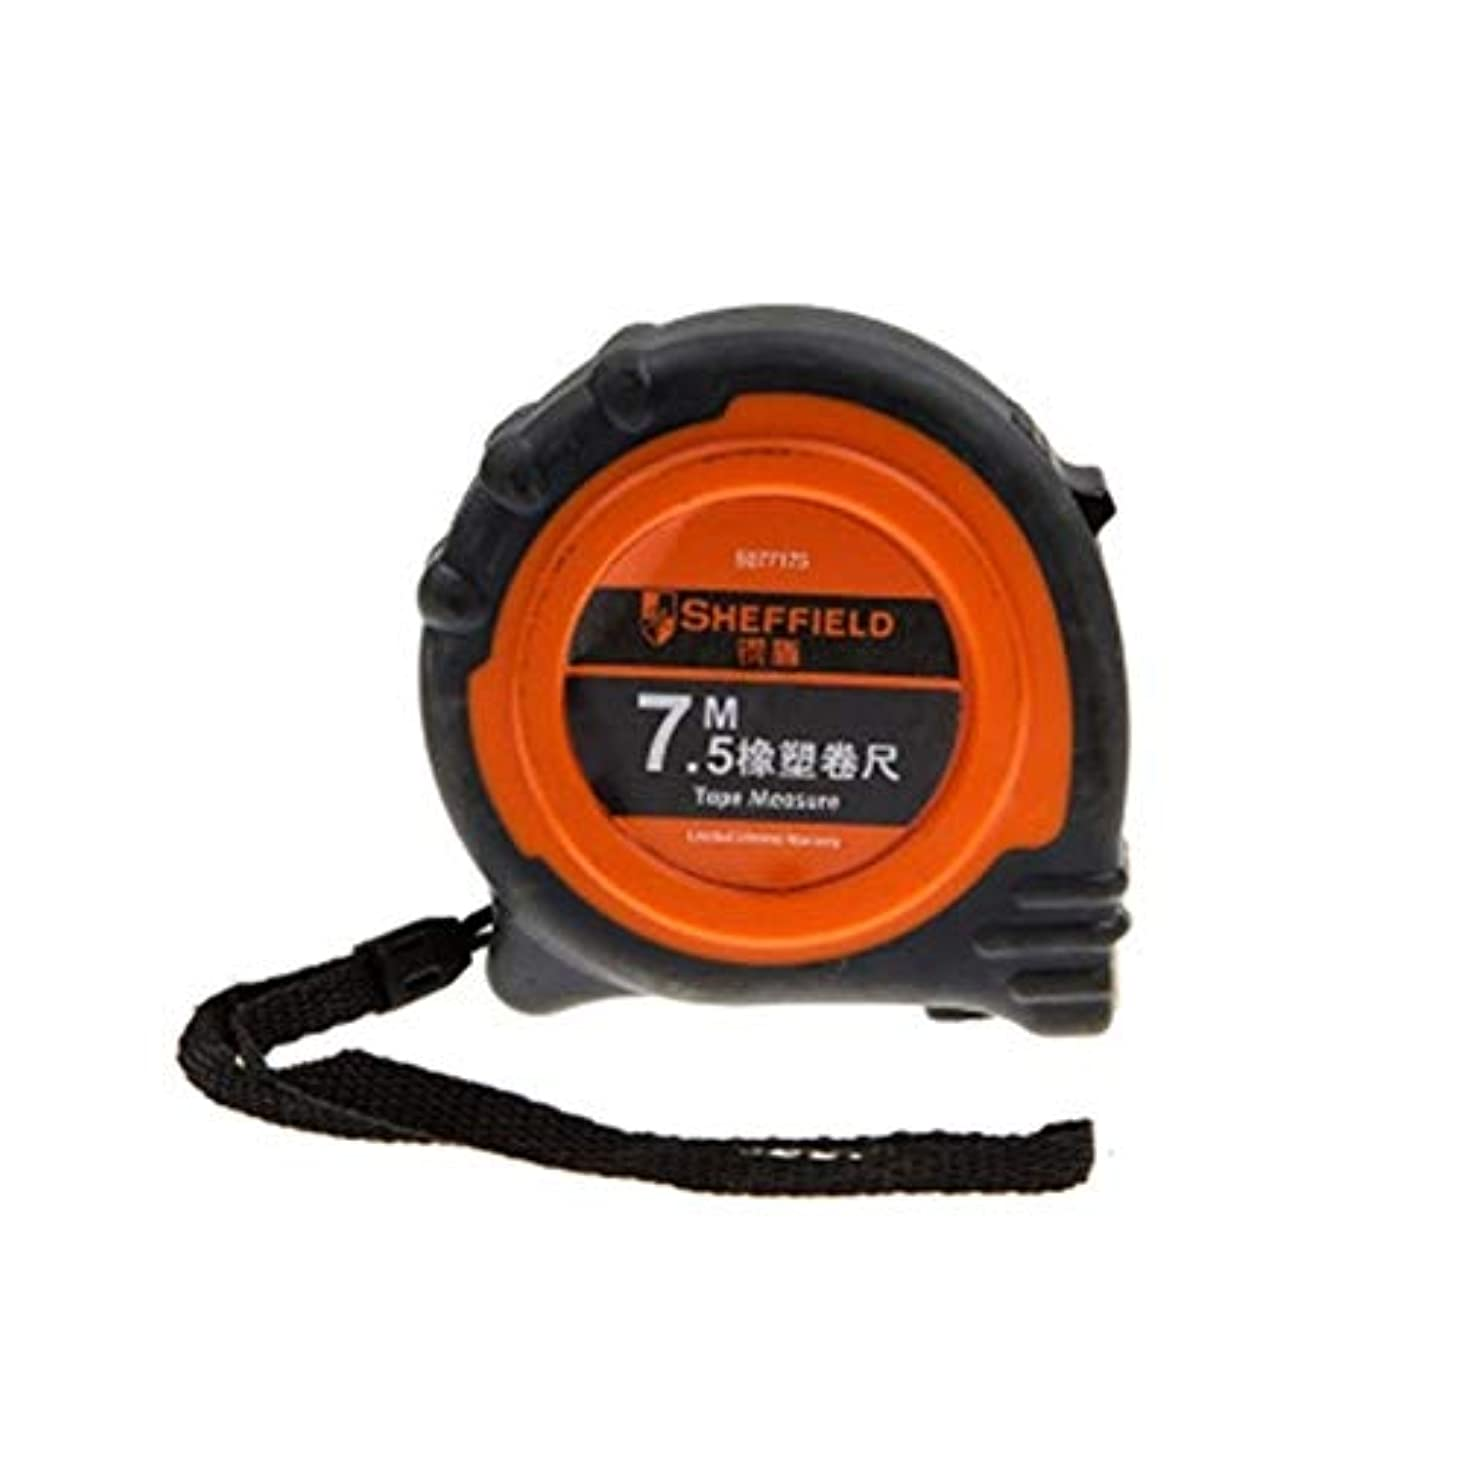 バースト黙リア王ZGSH オールインクルーシブゴムおよびゴムメトリックスチール巻き尺、測定ツール定規、3m、5m、7.5m、ブラック (Color : Black, Size : 5m)